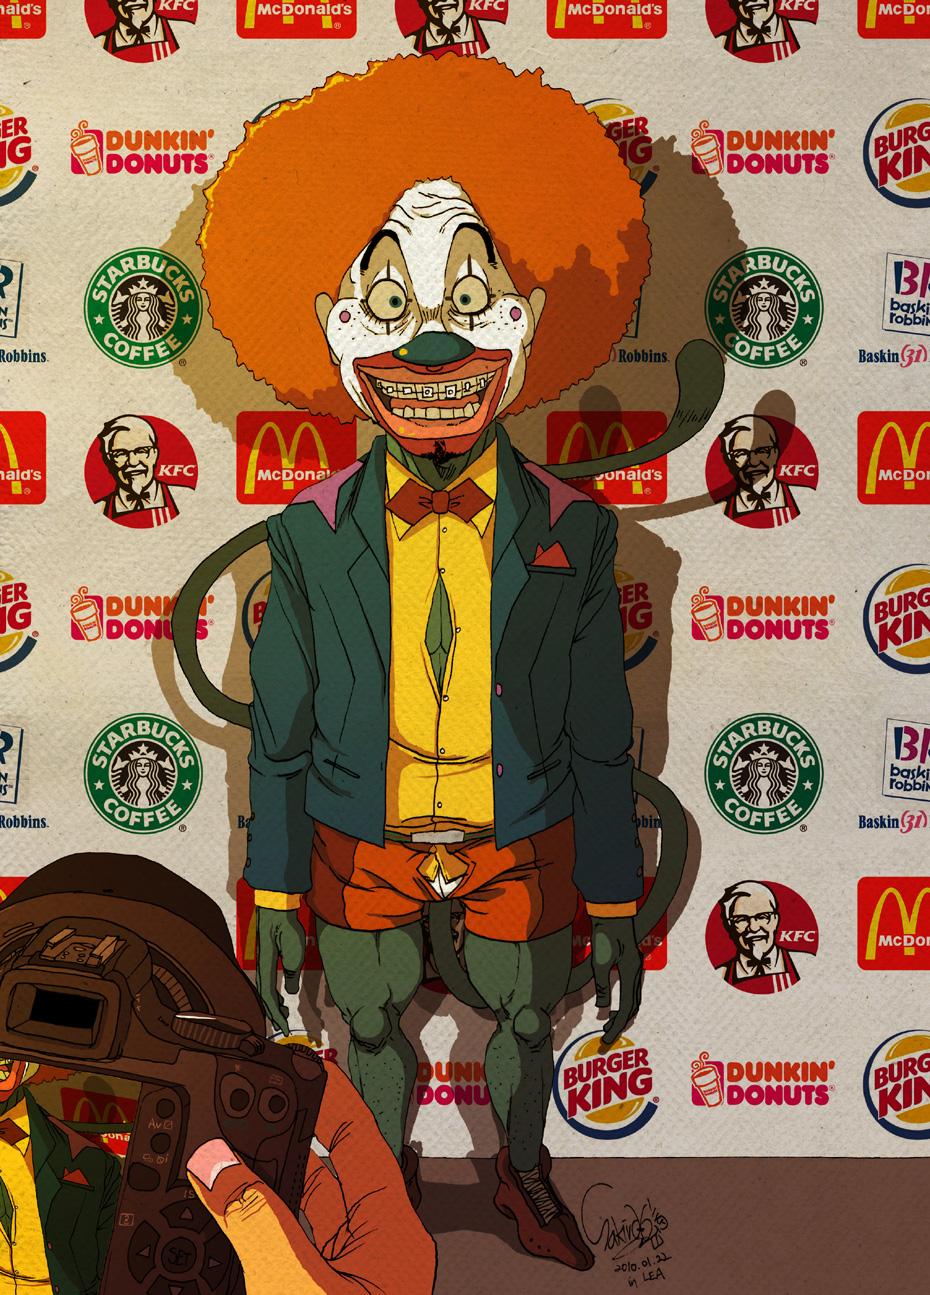 ilustraciones fast food 3